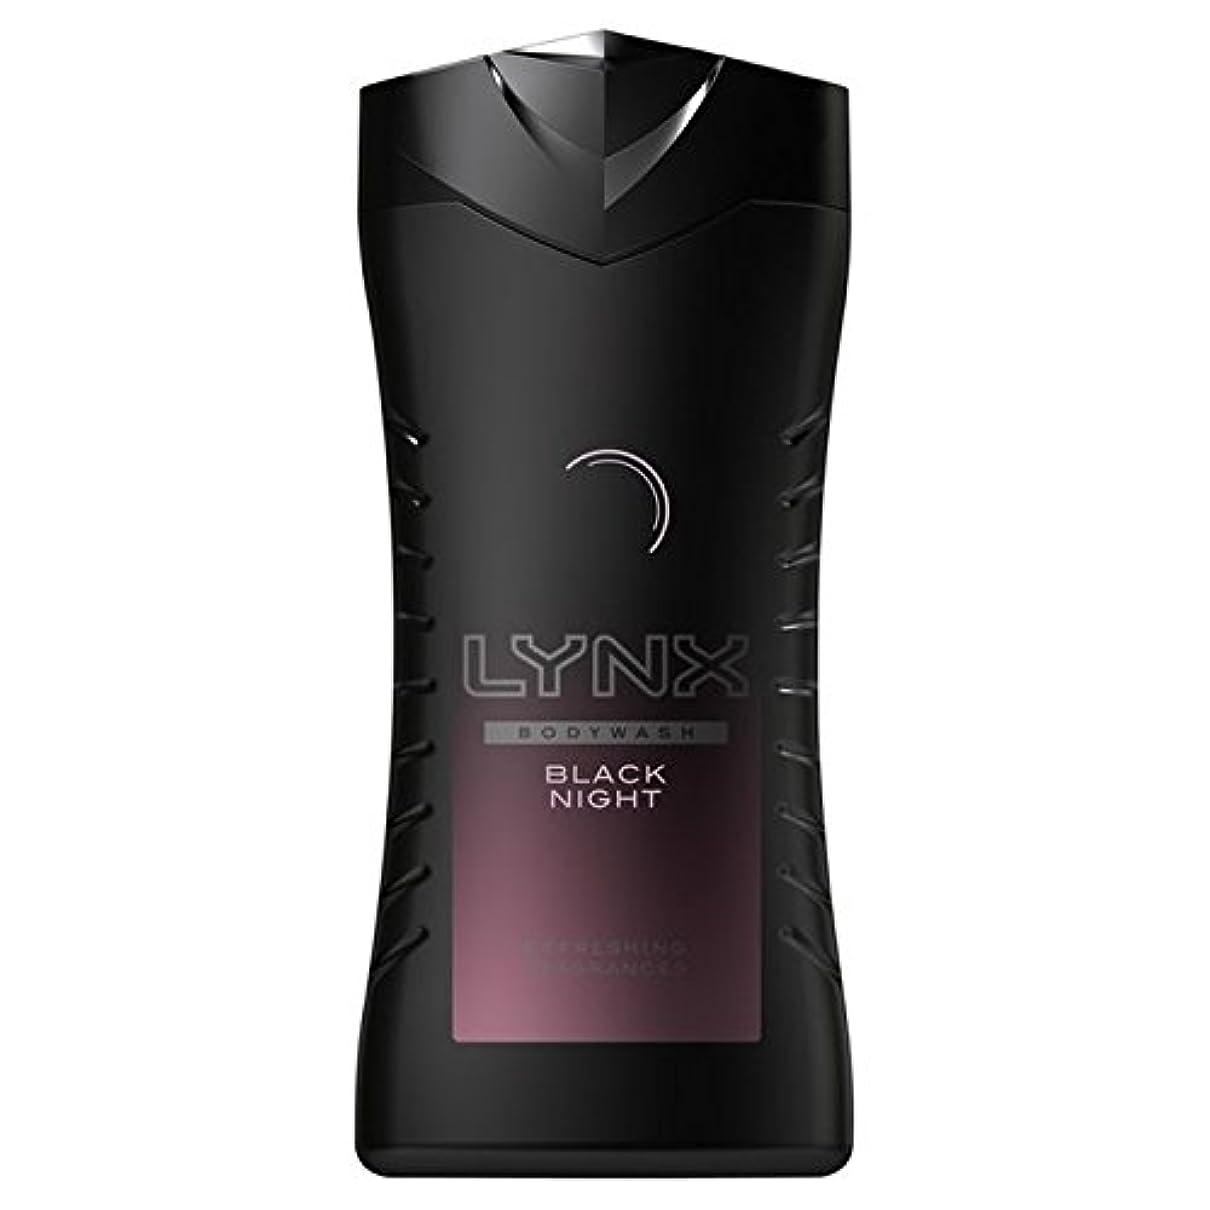 協力する他のバンドで幅オオヤマネコ黒夜シャワージェル250ミリリットル x4 - Lynx Black Night Shower Gel 250ml (Pack of 4) [並行輸入品]